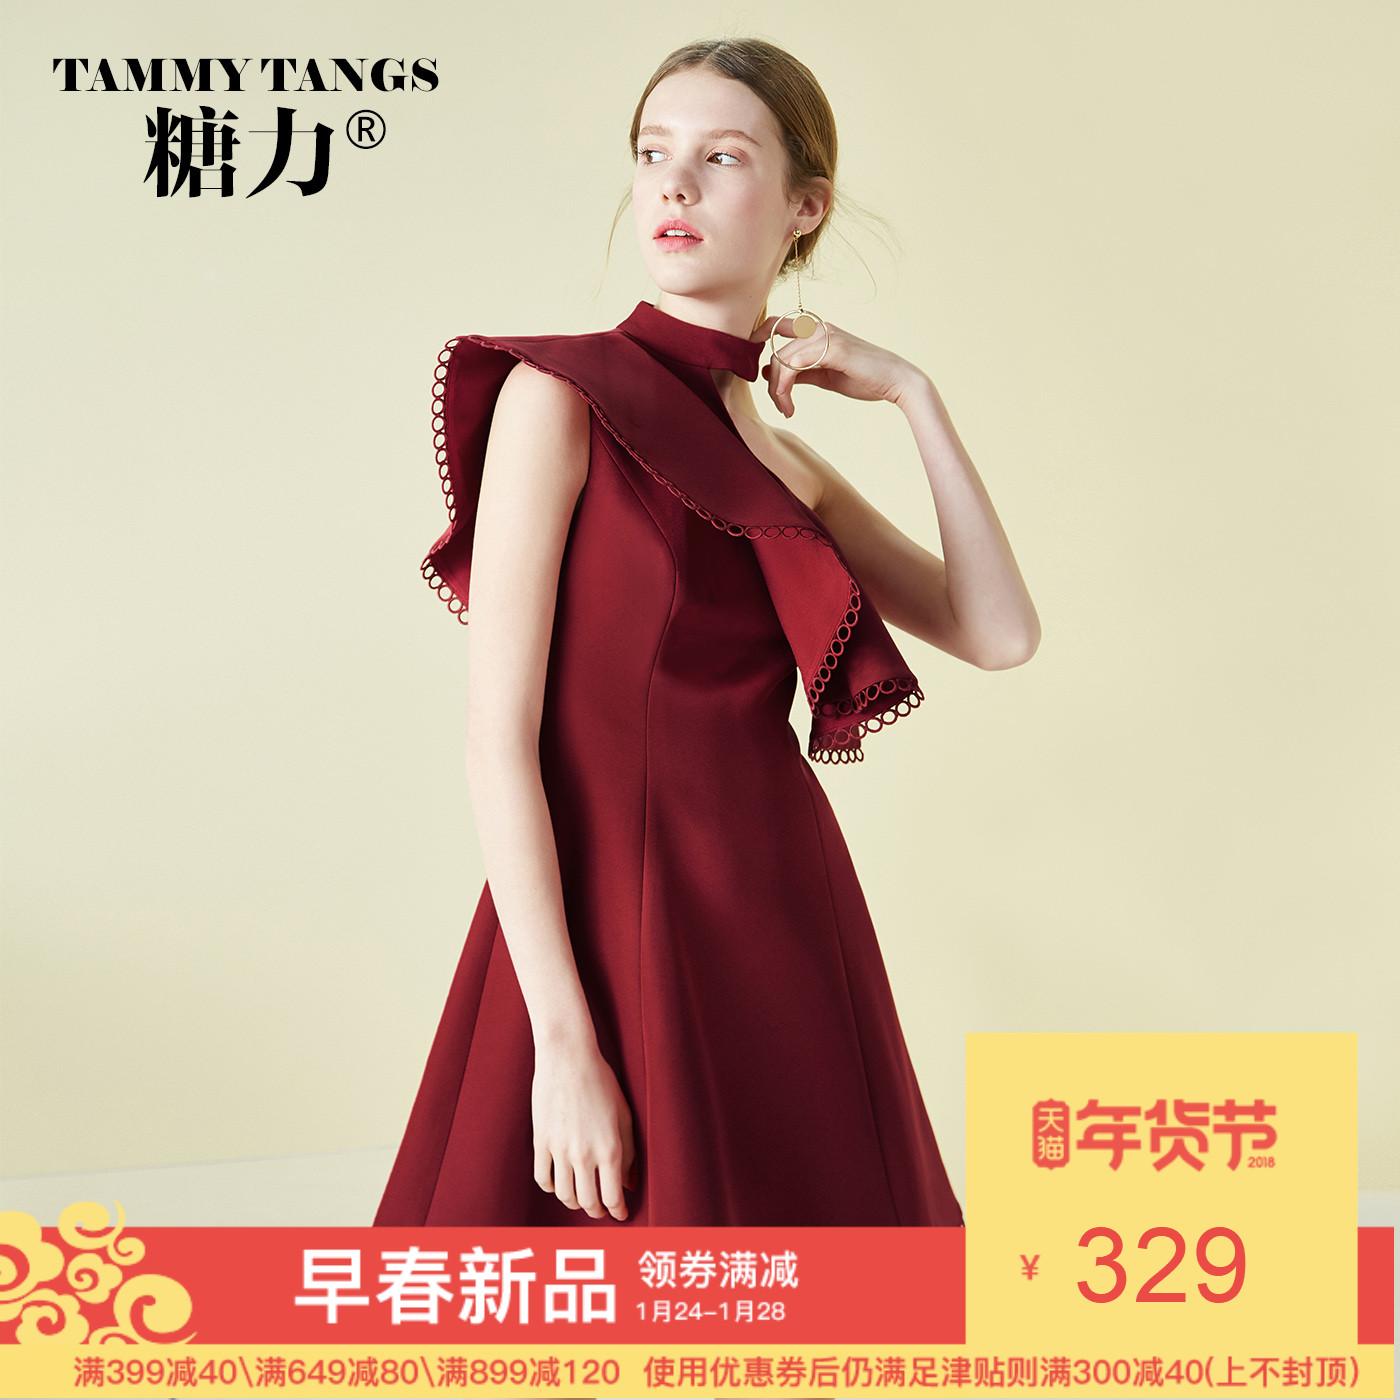 糖力2018春装新款欧美女装酒红色挂脖斜肩礼服裙修身荷叶边连衣裙